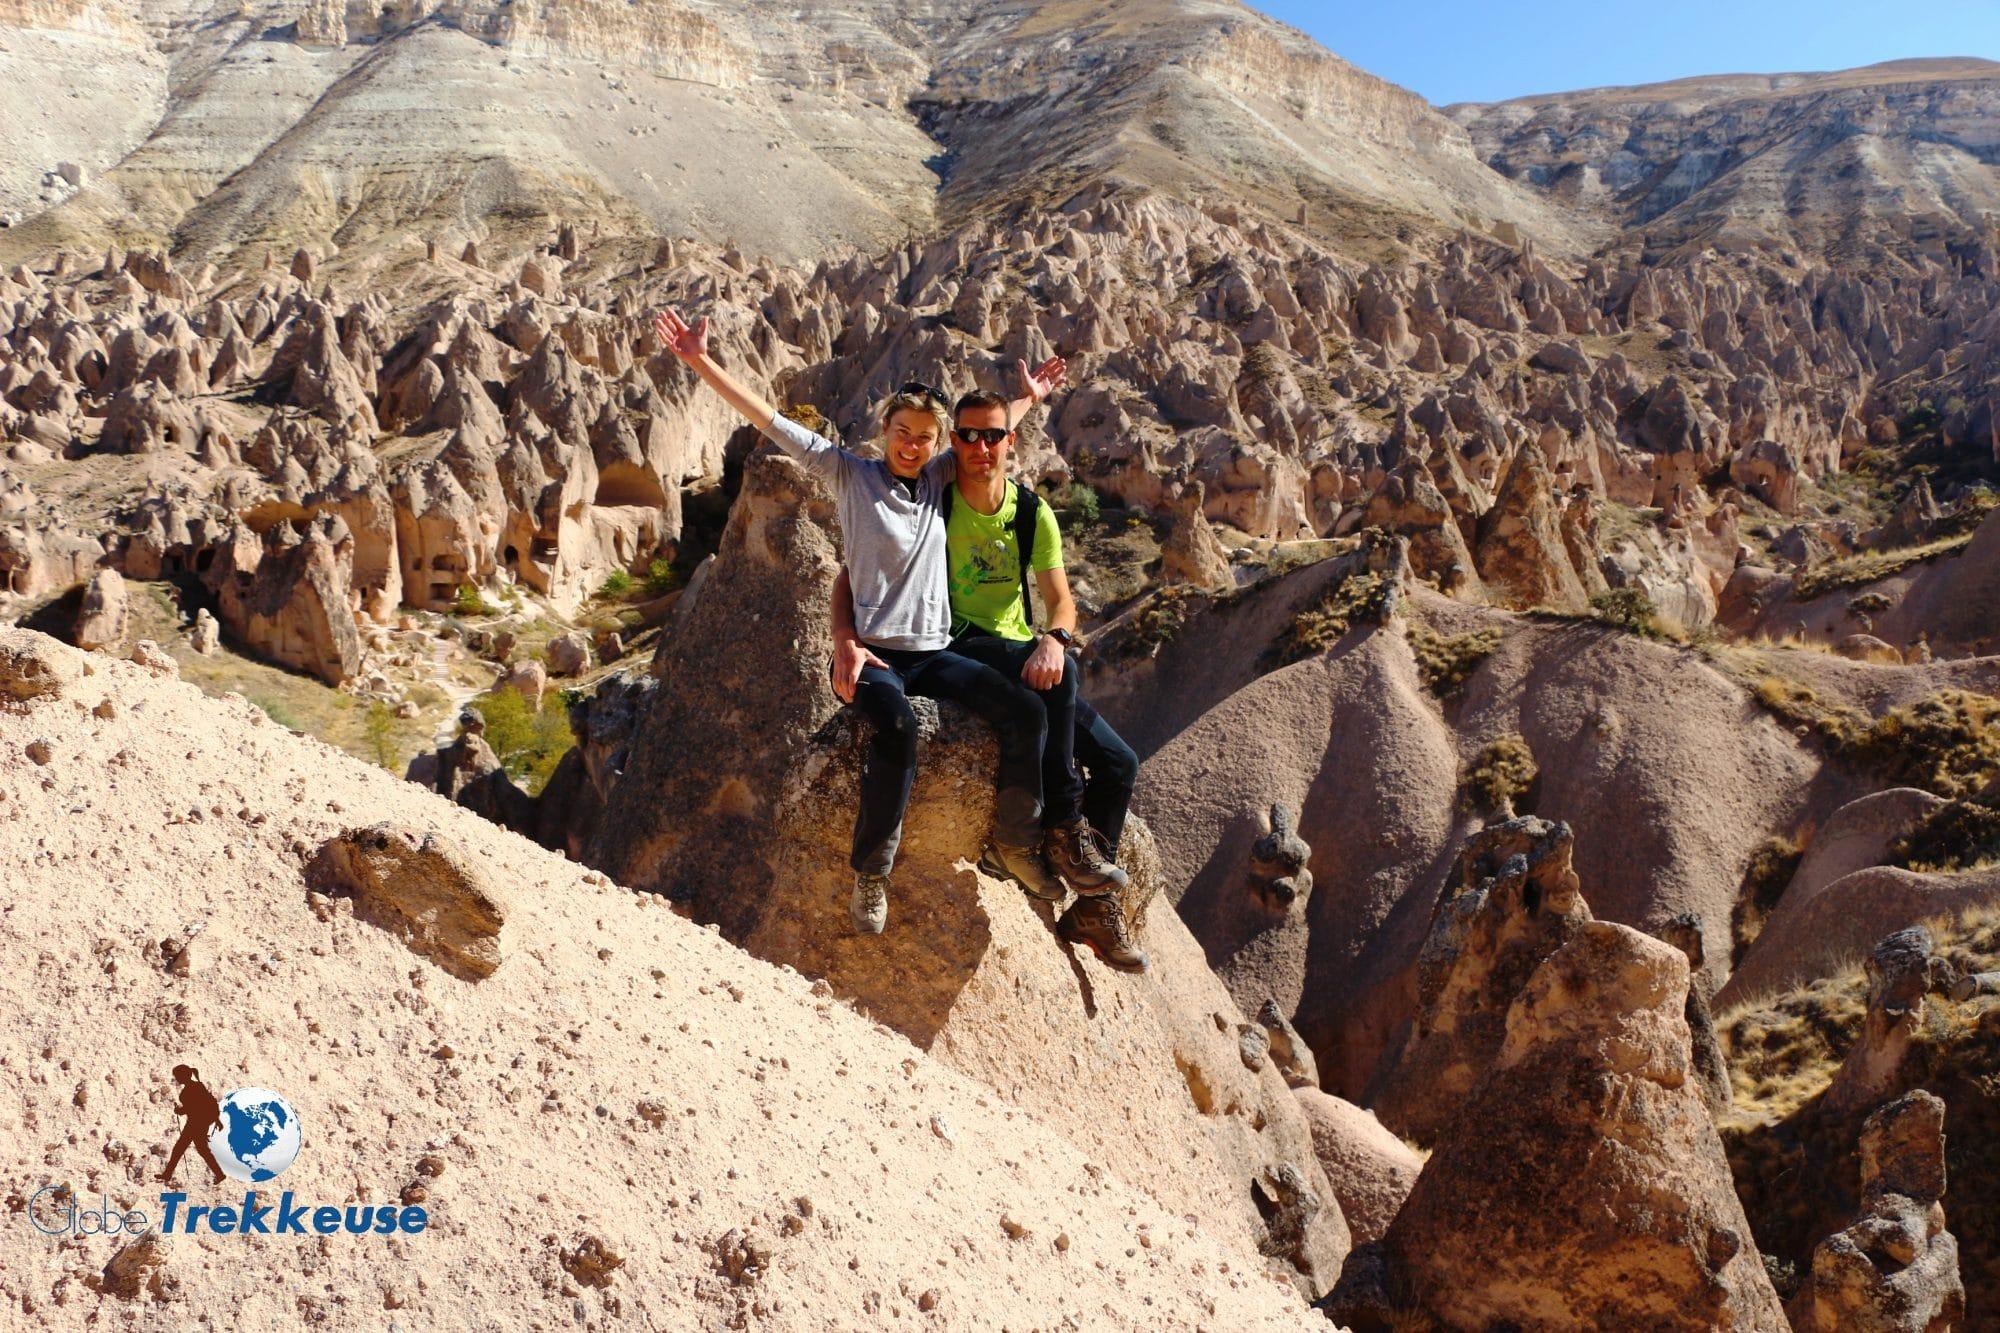 randonnee en cappadoce vallee rouge gtk